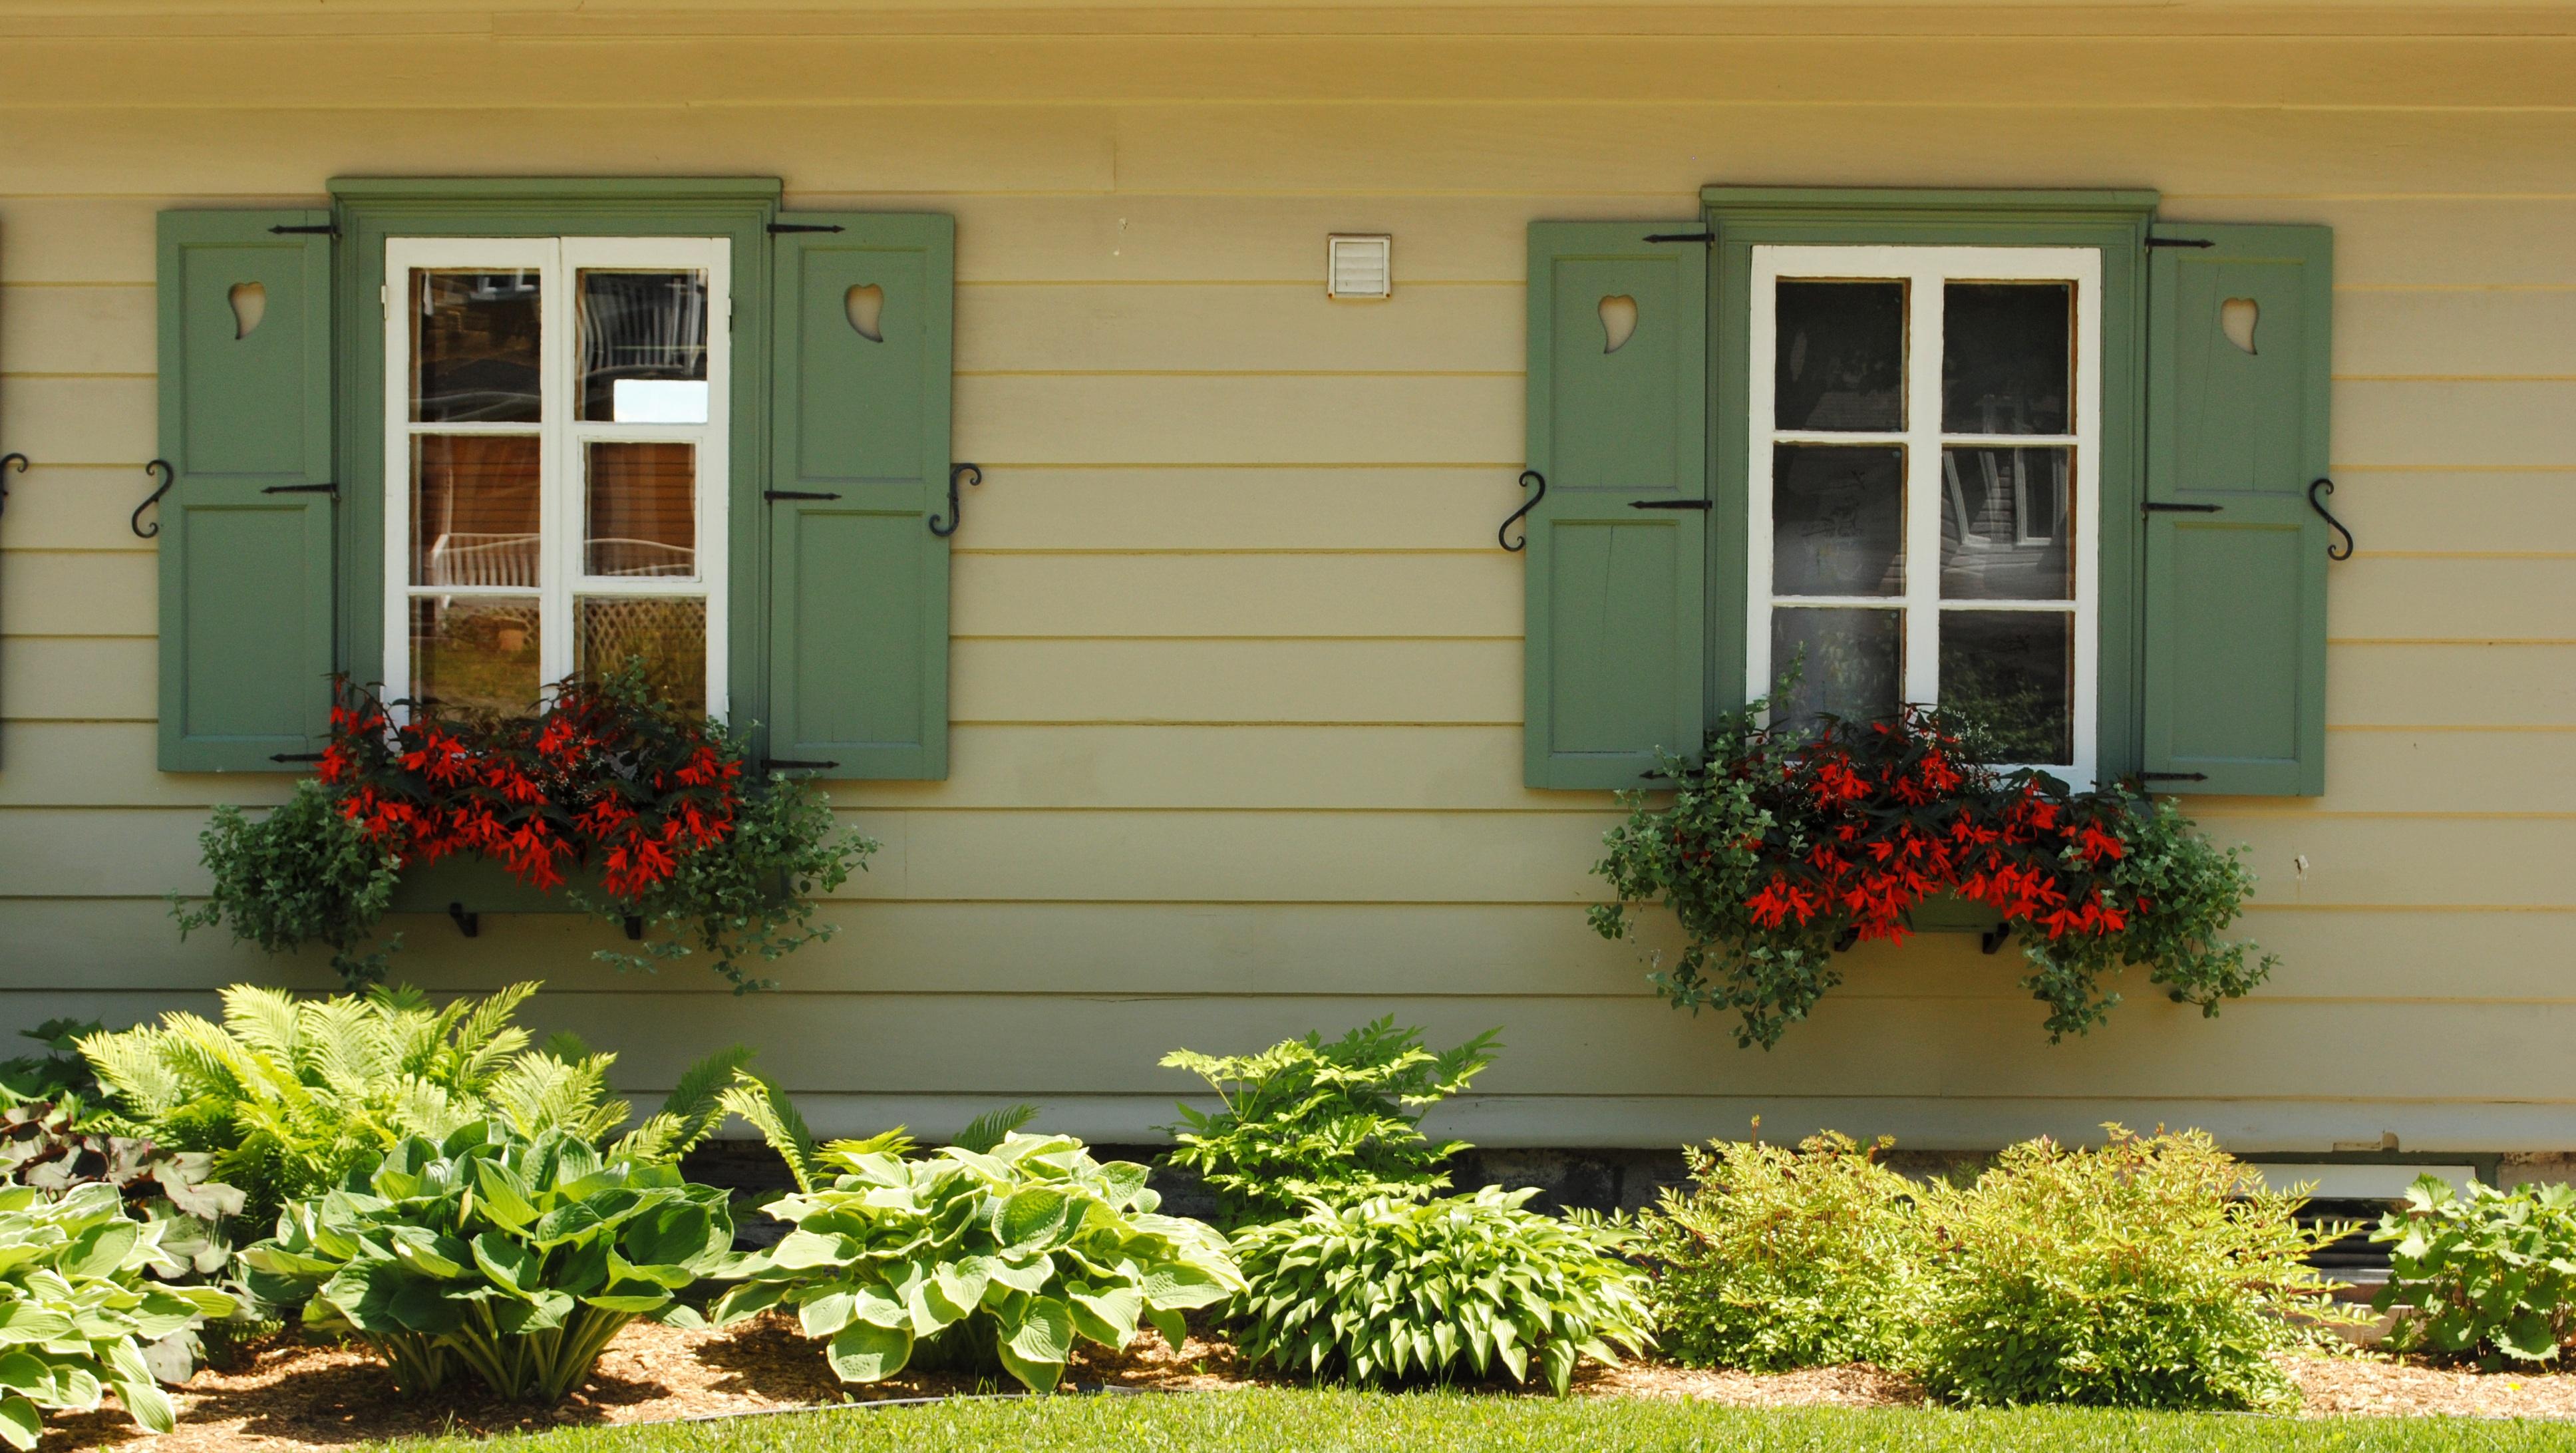 Kostenlose foto : die Architektur, Rasen, Haus, Blume, Fenster ...